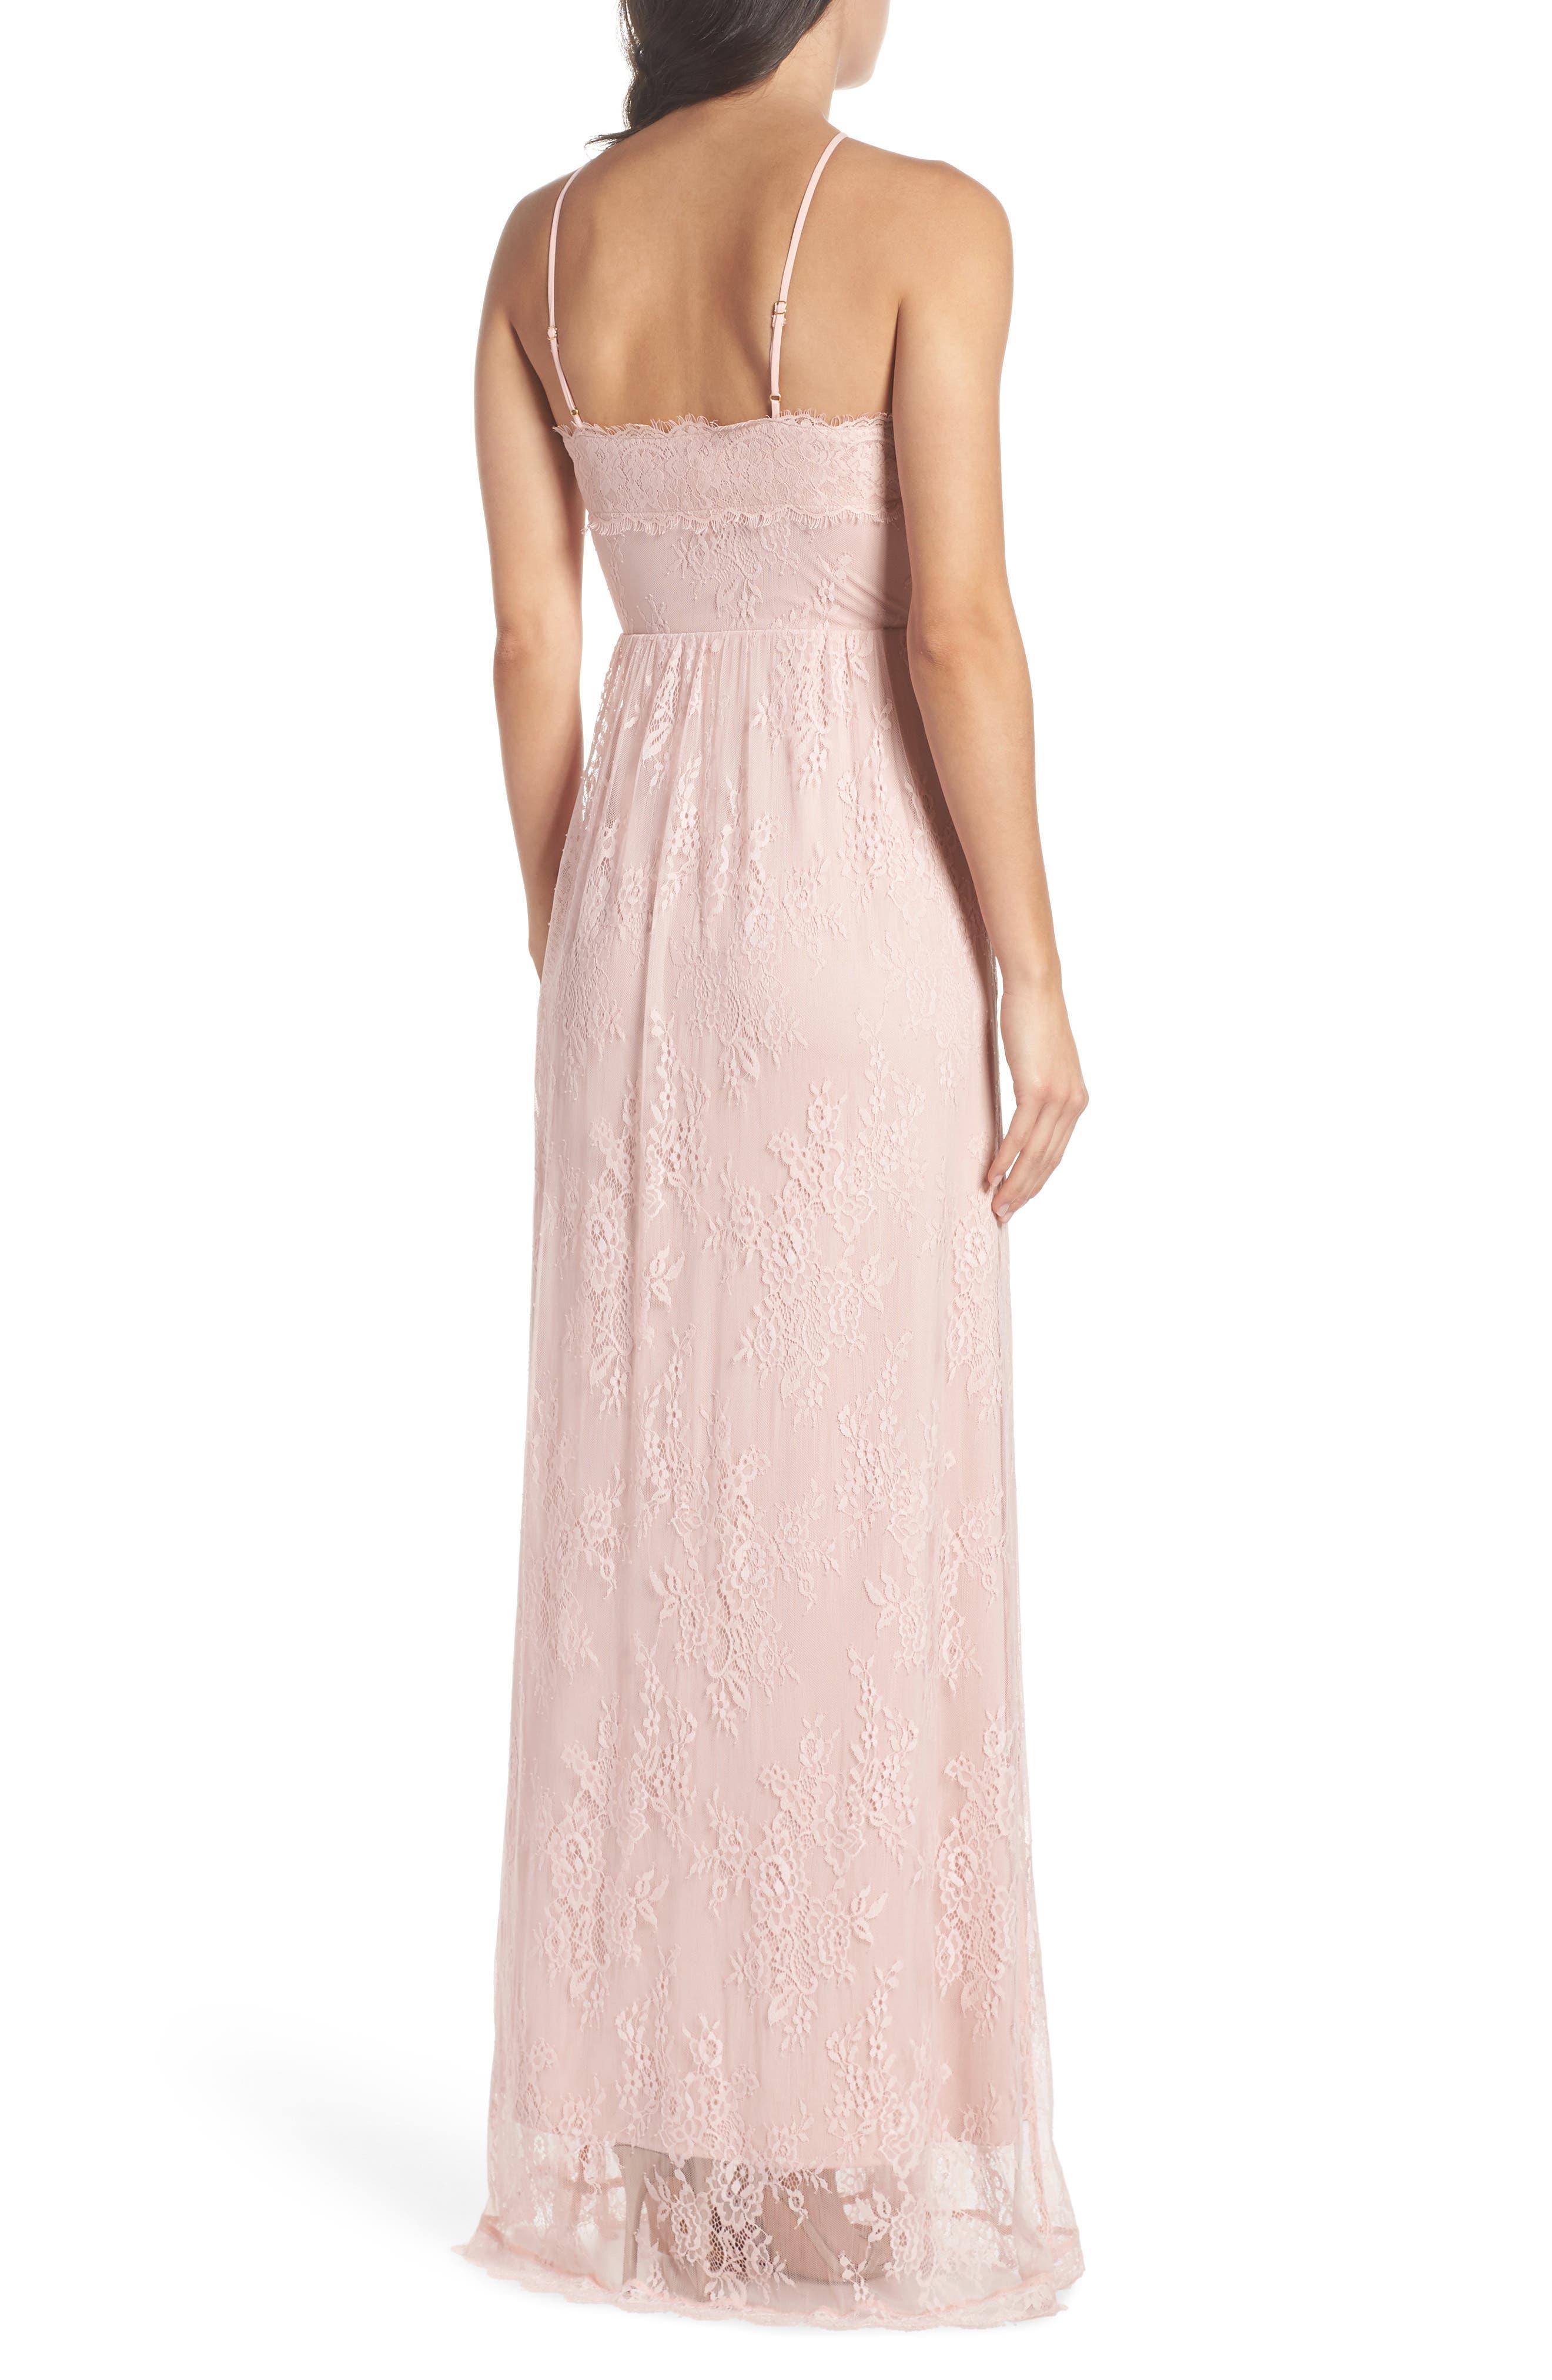 Eloise Halter Neck Lace Gown,                             Alternate thumbnail 2, color,                             ROSE QUARTZ